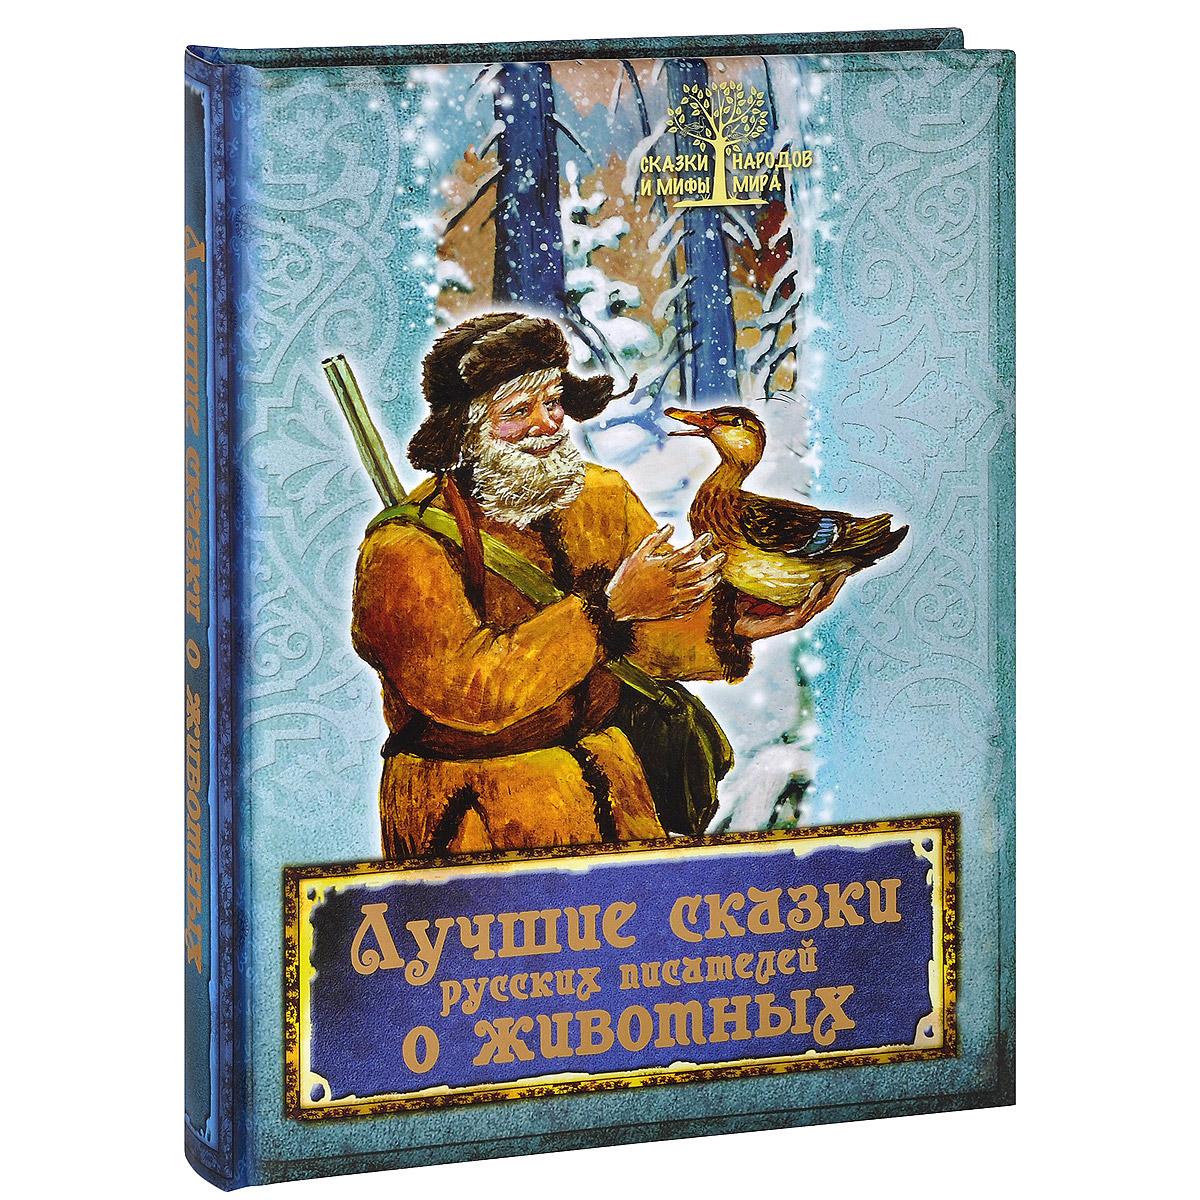 Лучшие сказки русских писателей о животных сказки и рассказы русских писателей